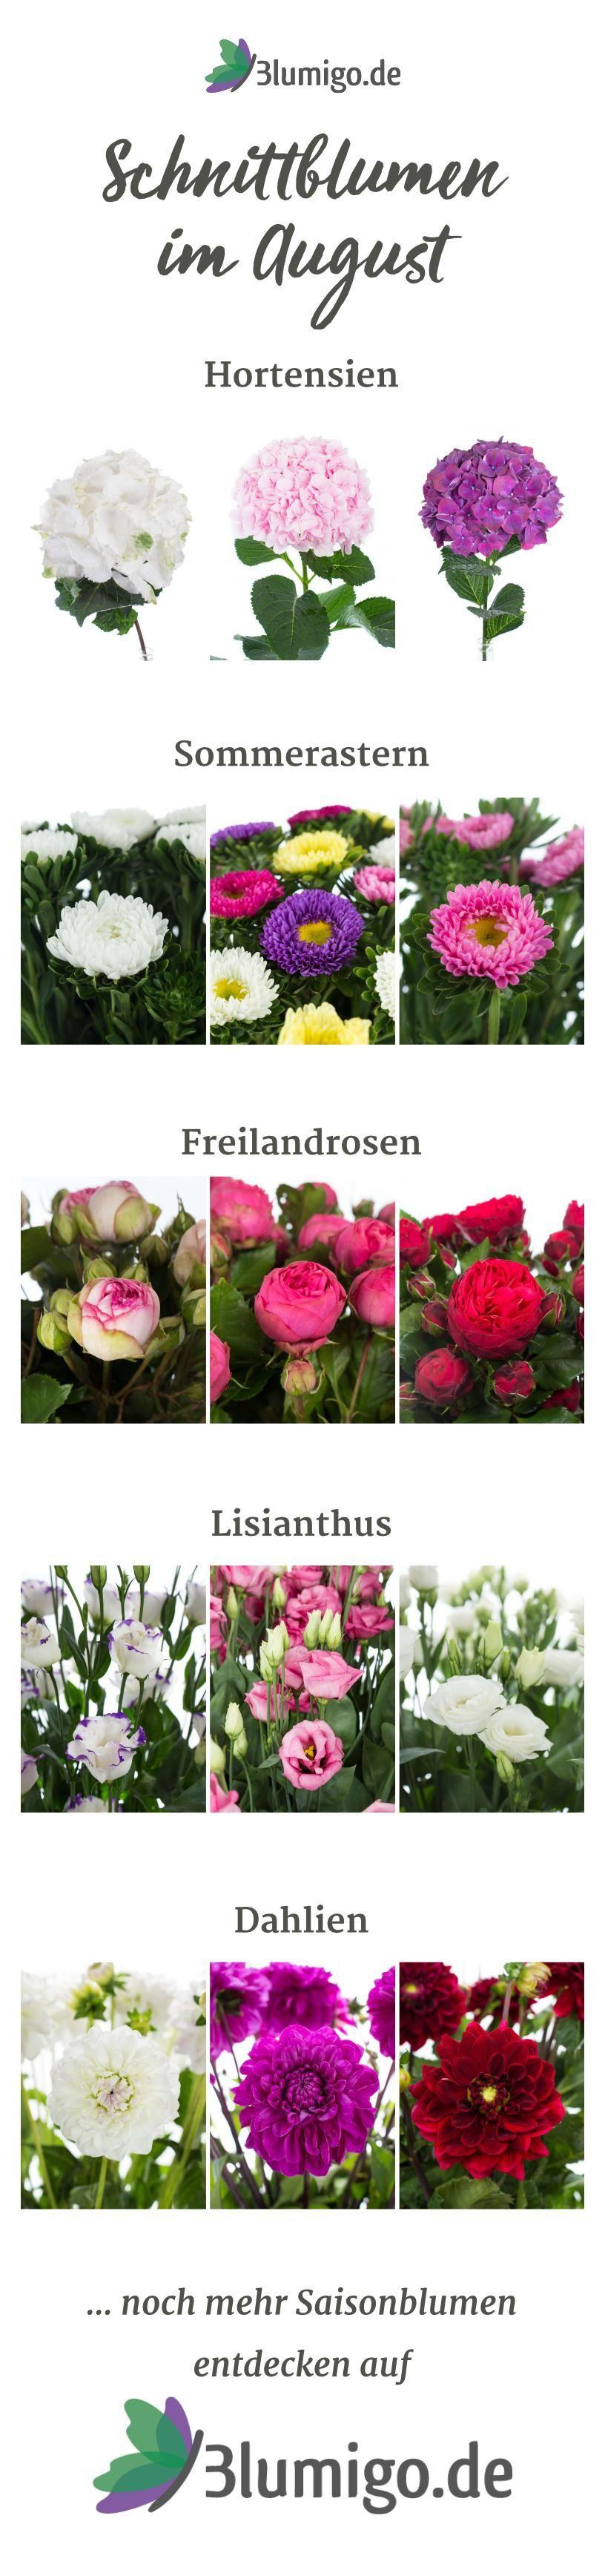 Welche Blumen gibt es im August Schnittblumen SaisonKalender  Hochzeit  Brautstrue Sommer